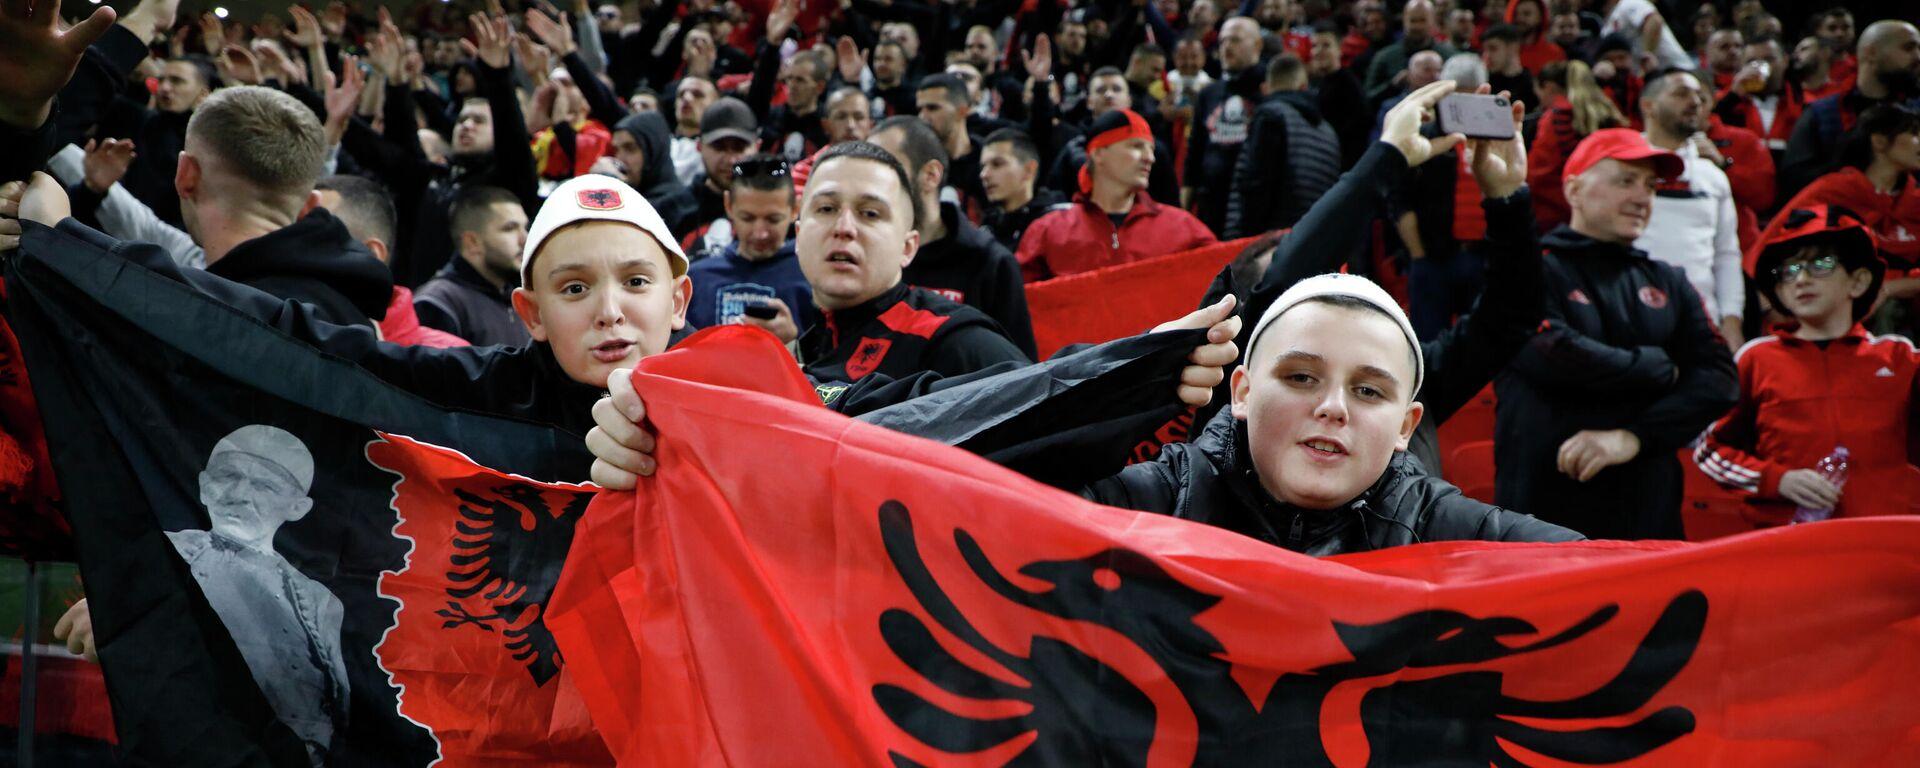 Навијачи Албаније током утакмице против Пољске - Sputnik Србија, 1920, 13.10.2021